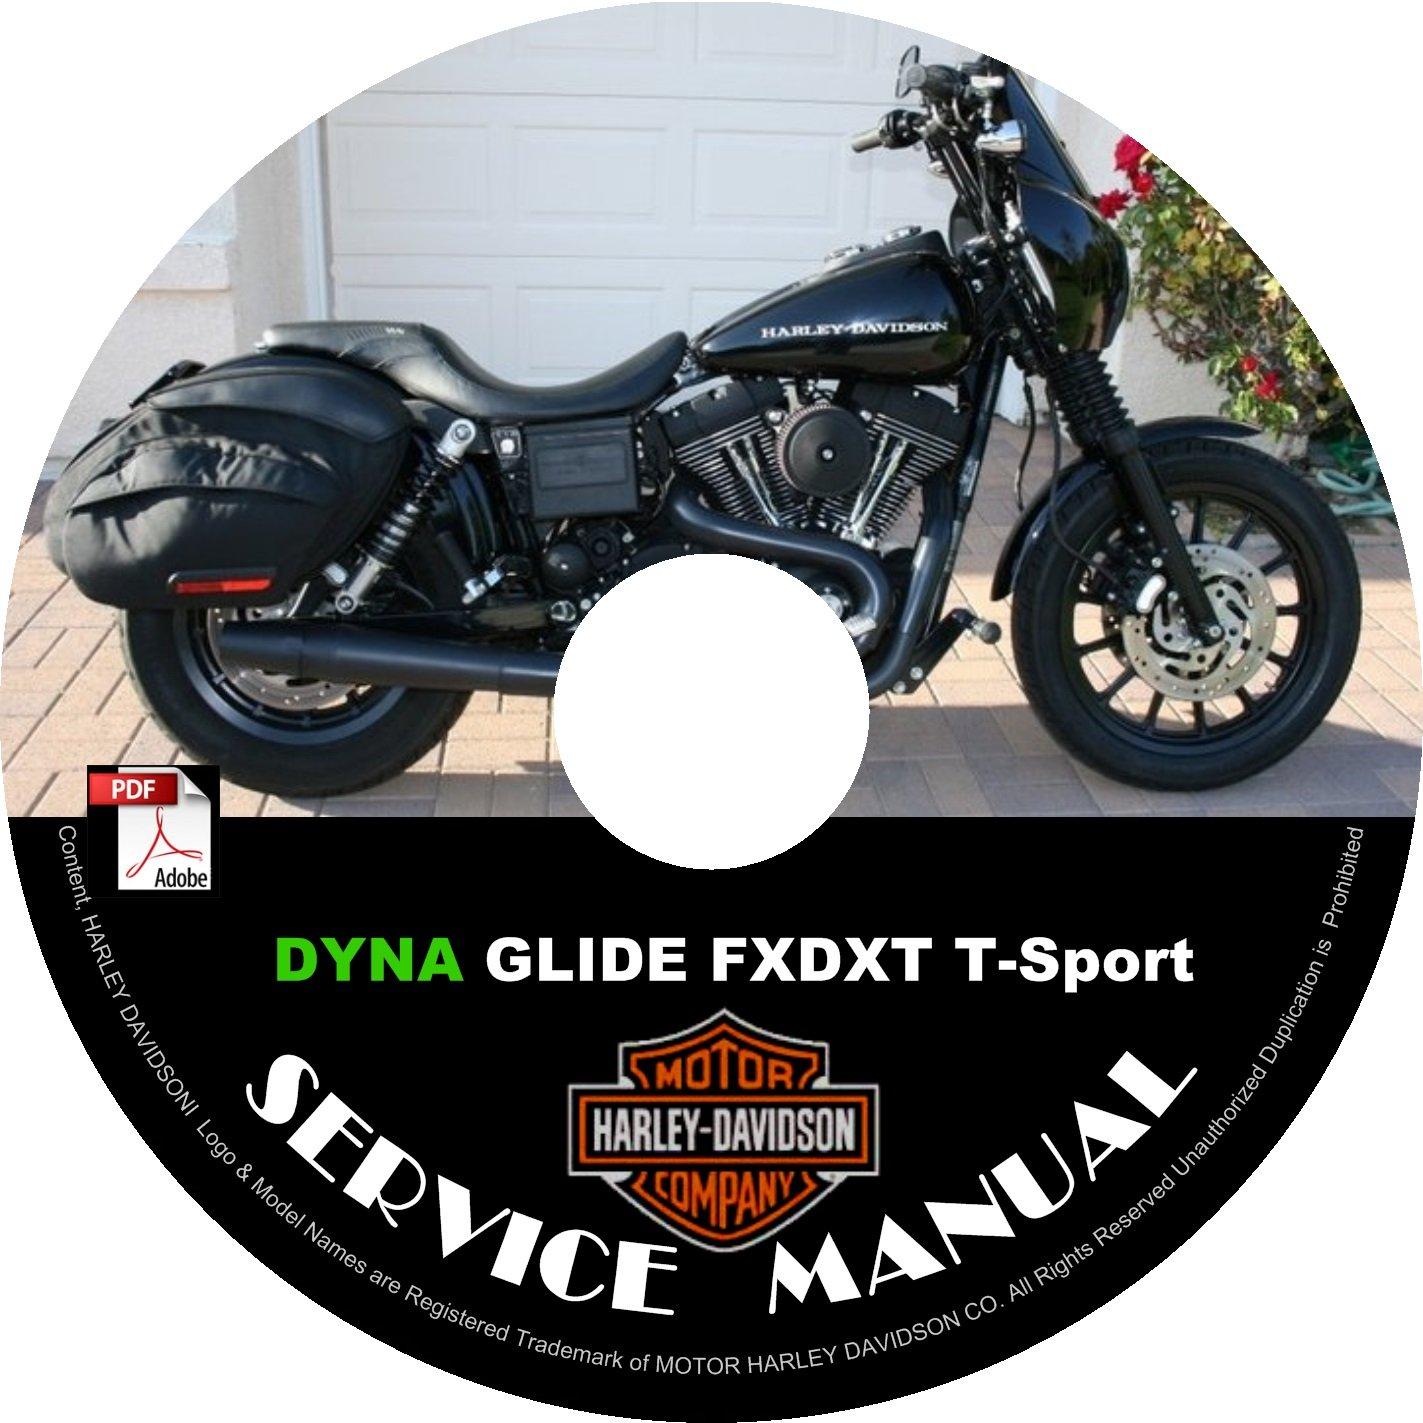 1999 Harley Davidson DYNA GLIDE FXDXT T-Sport Service Repair Shop Manual on CD Fix Rebuild Workshop